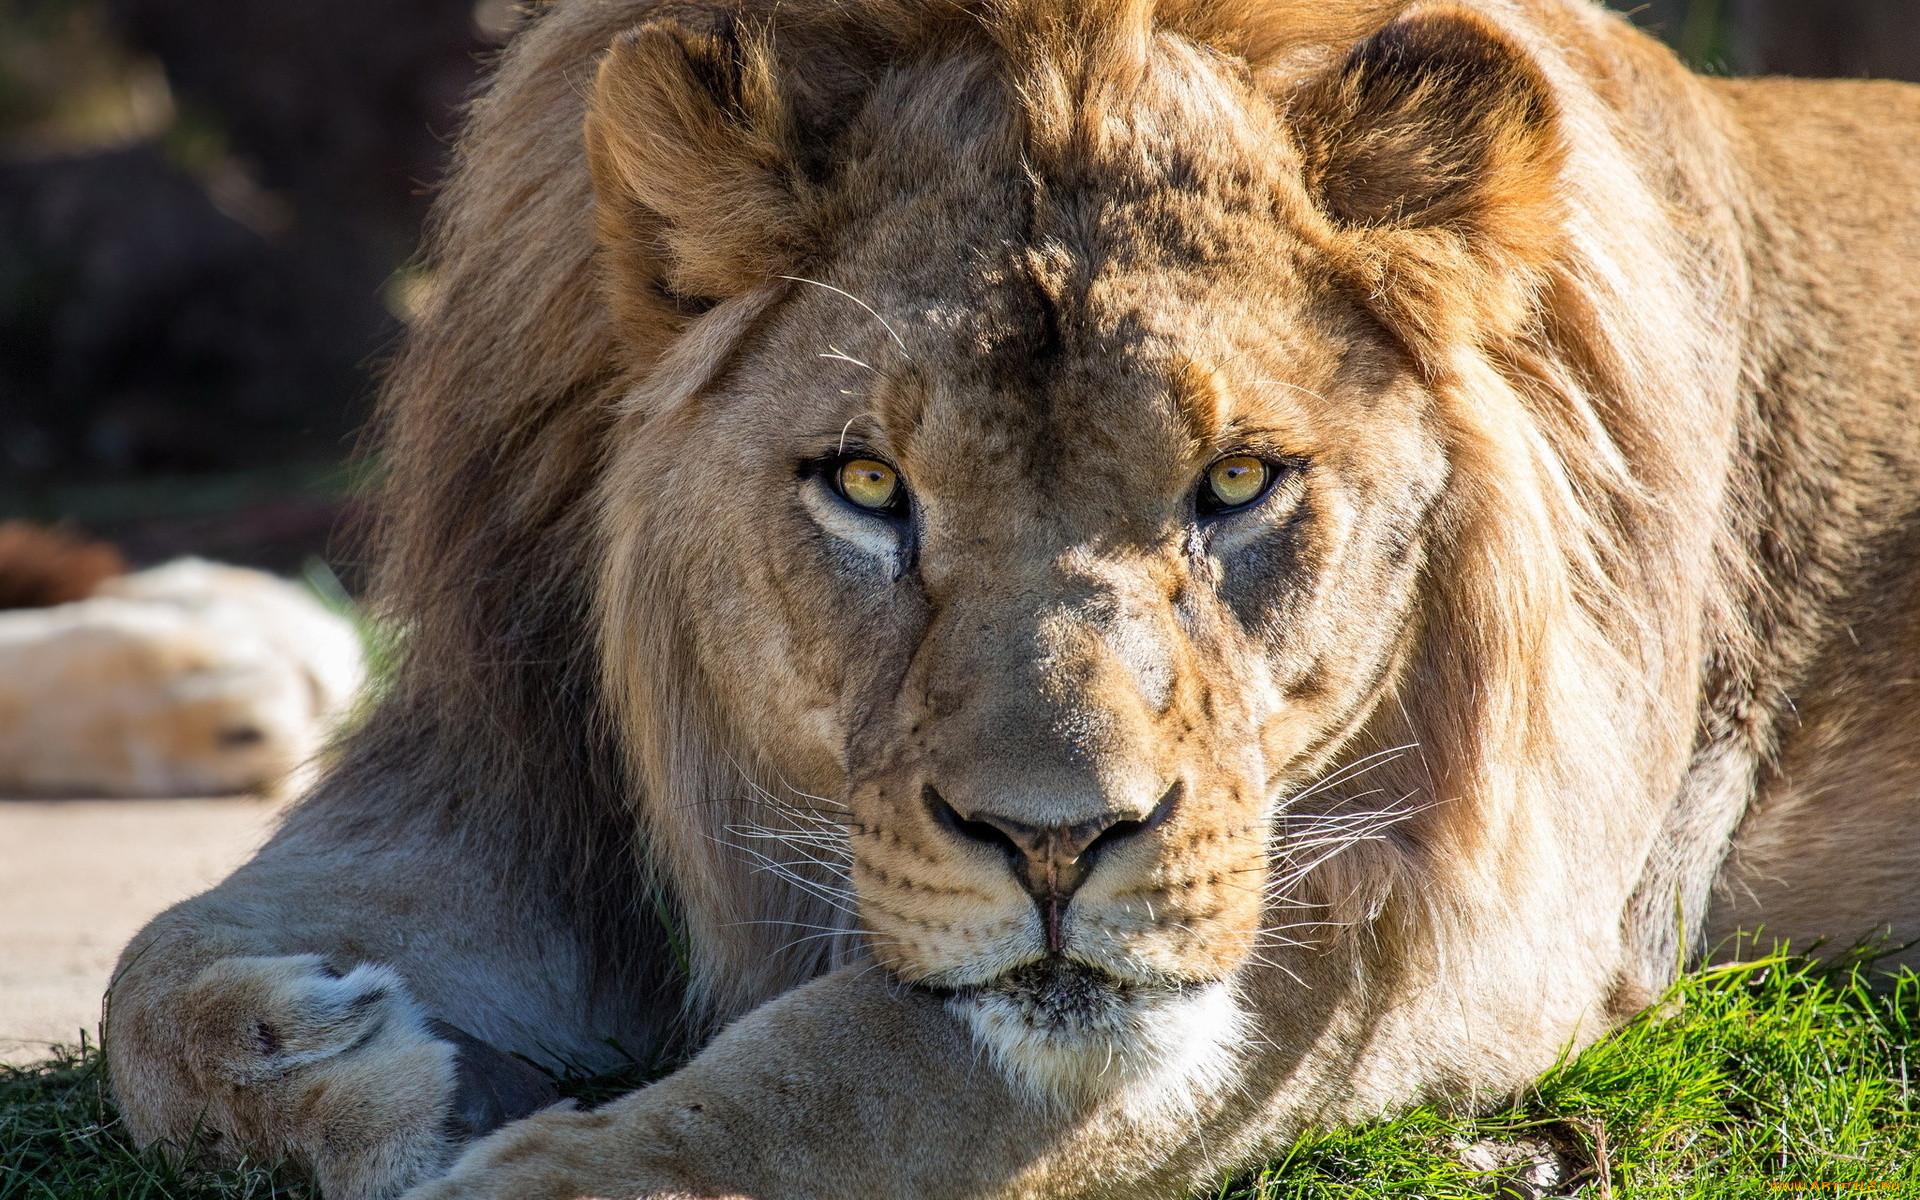 новый год картинки лев хорошего качества обладает многими положительными